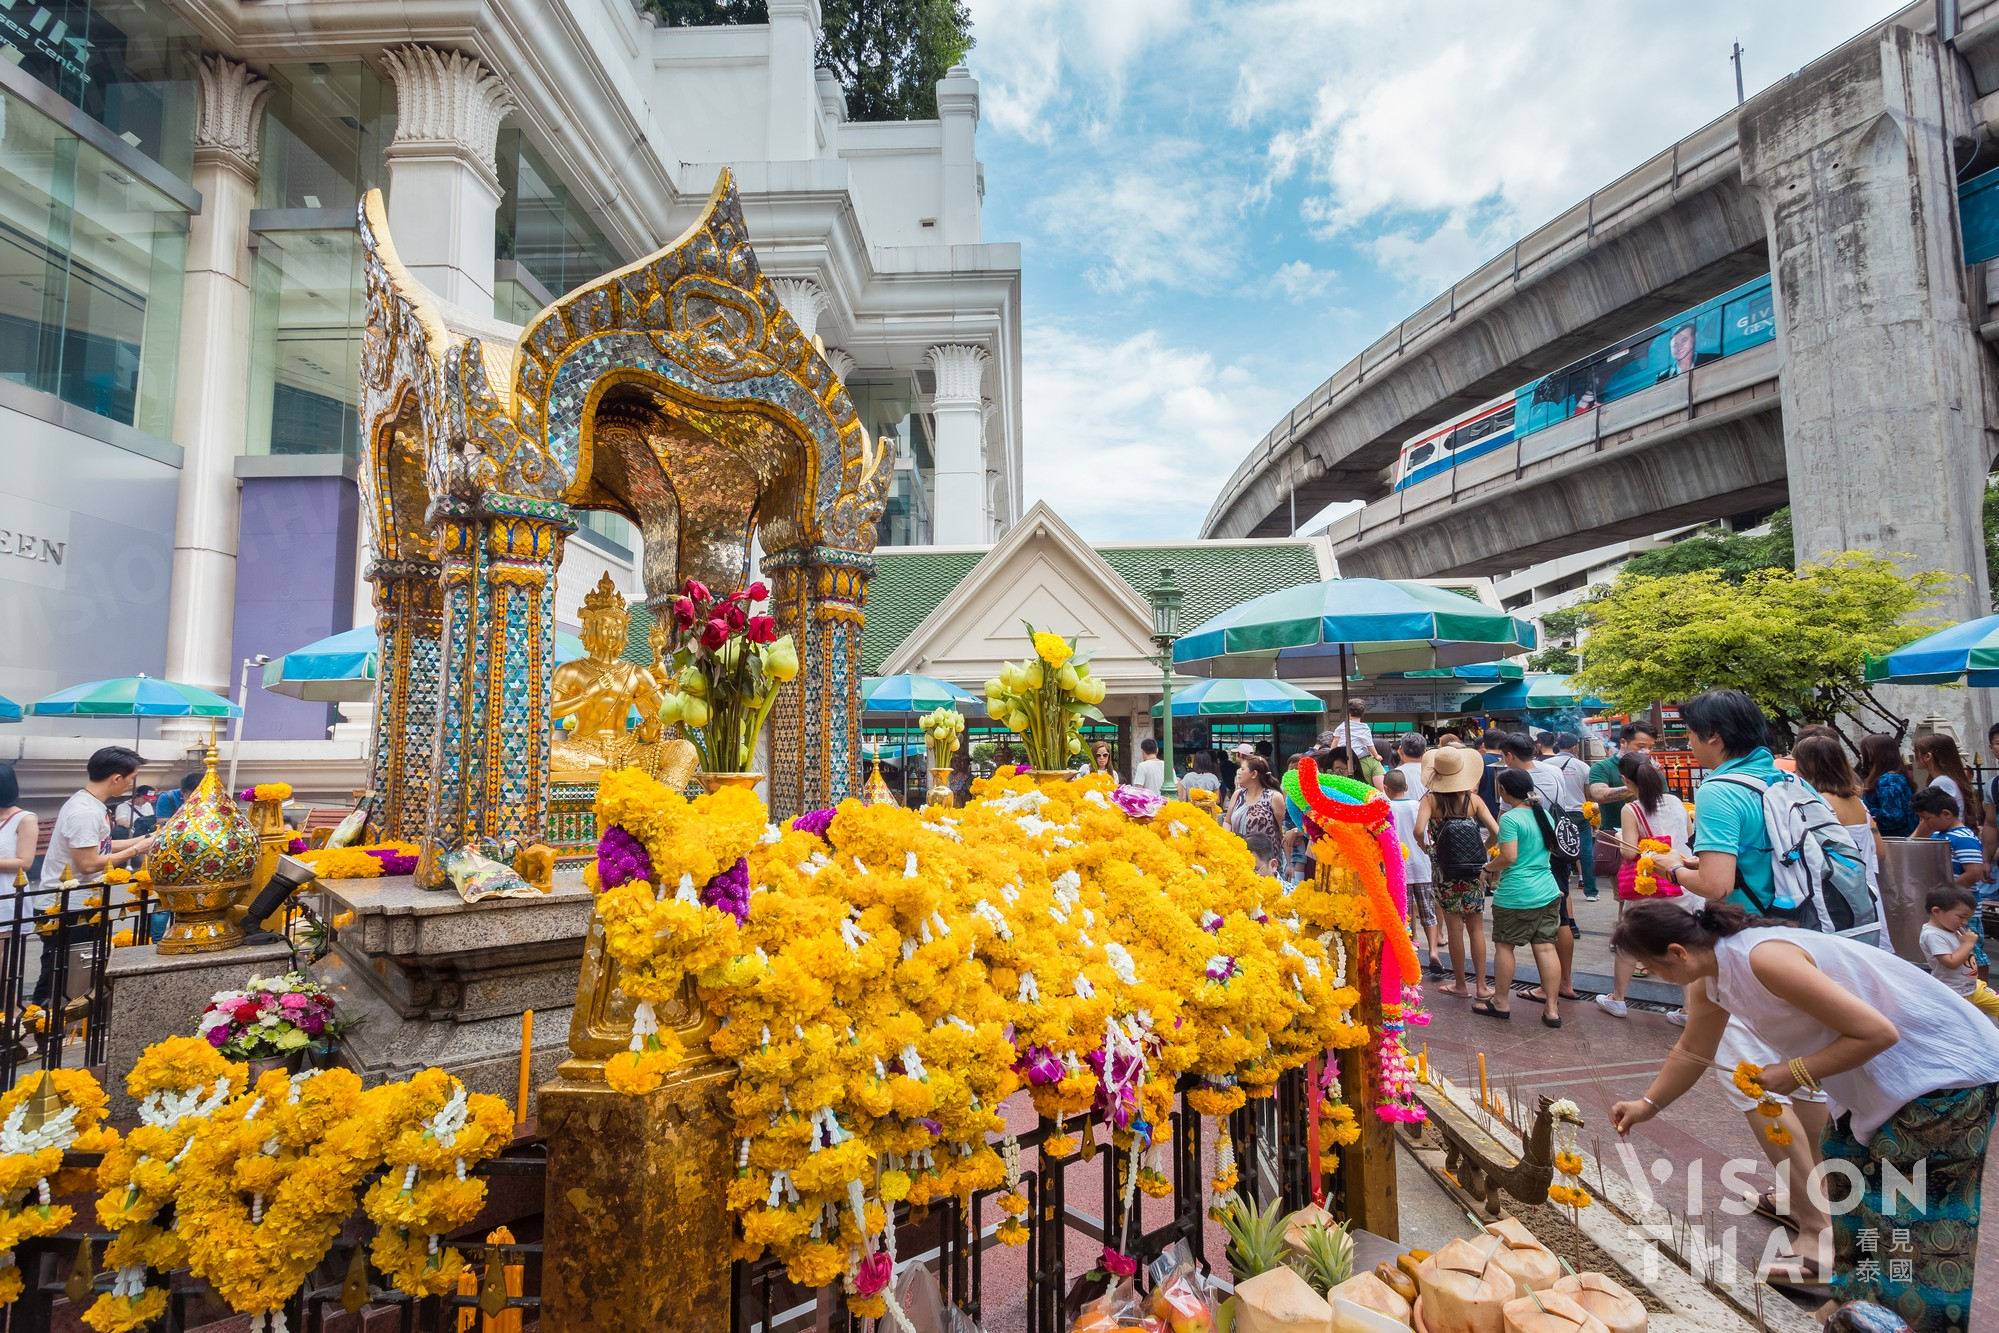 曼谷四面据传相当灵验 因此香火鼎盛 (VISION THAI)